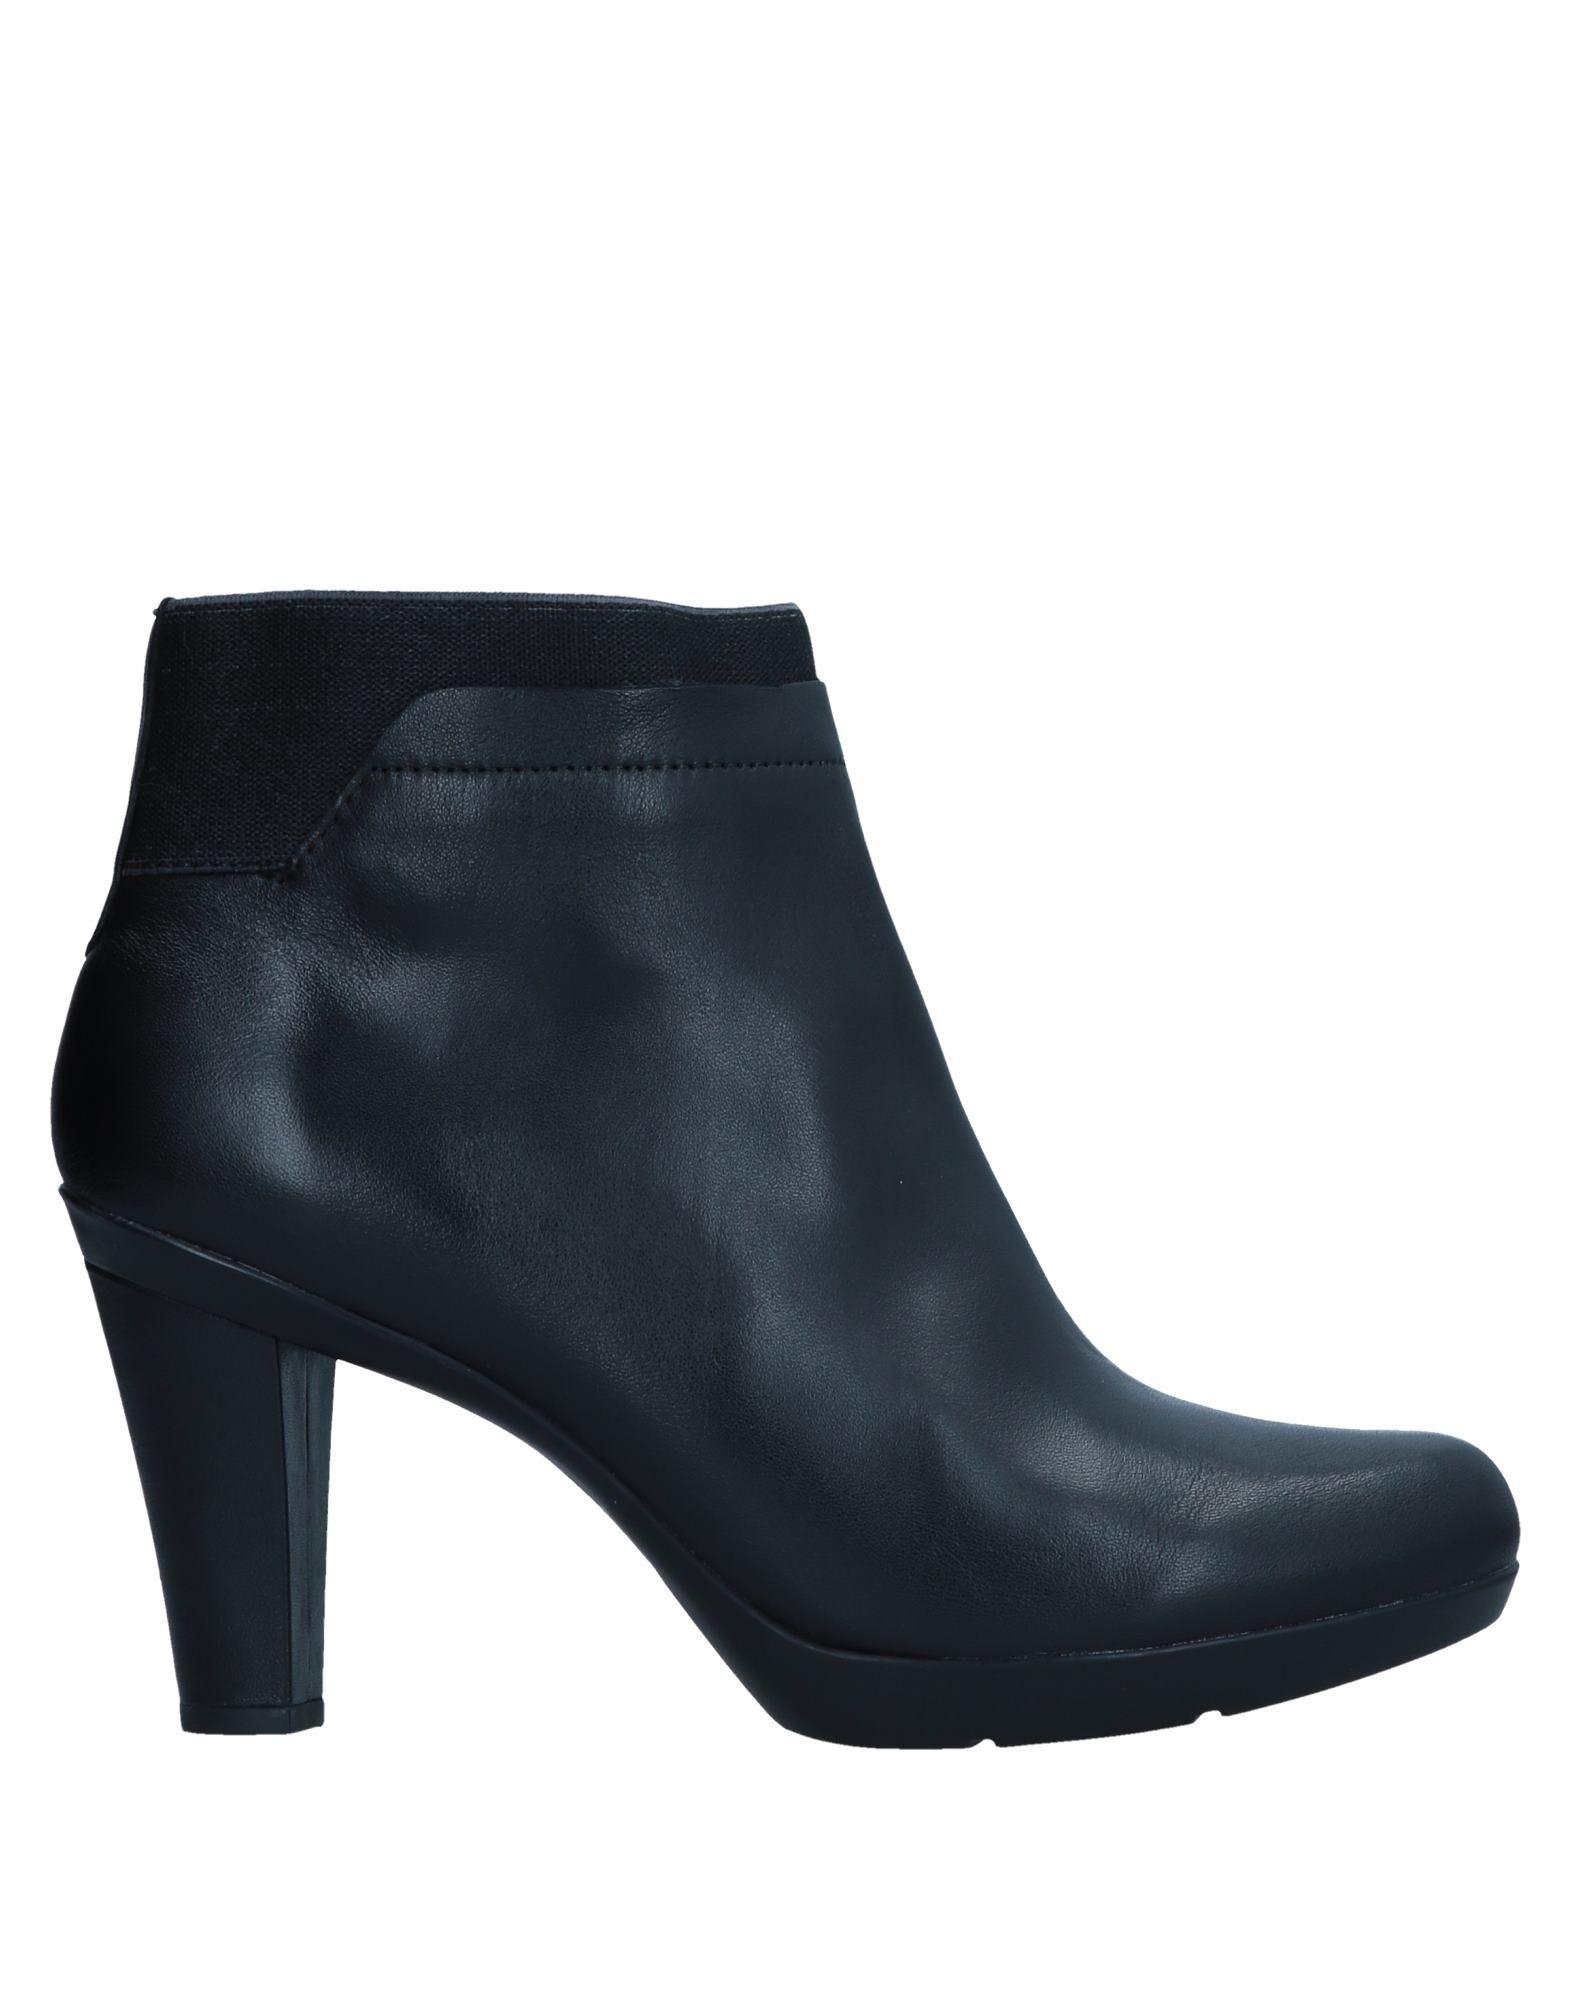 Geox Stiefelette Damen  11547763UW Gute Qualität beliebte Schuhe